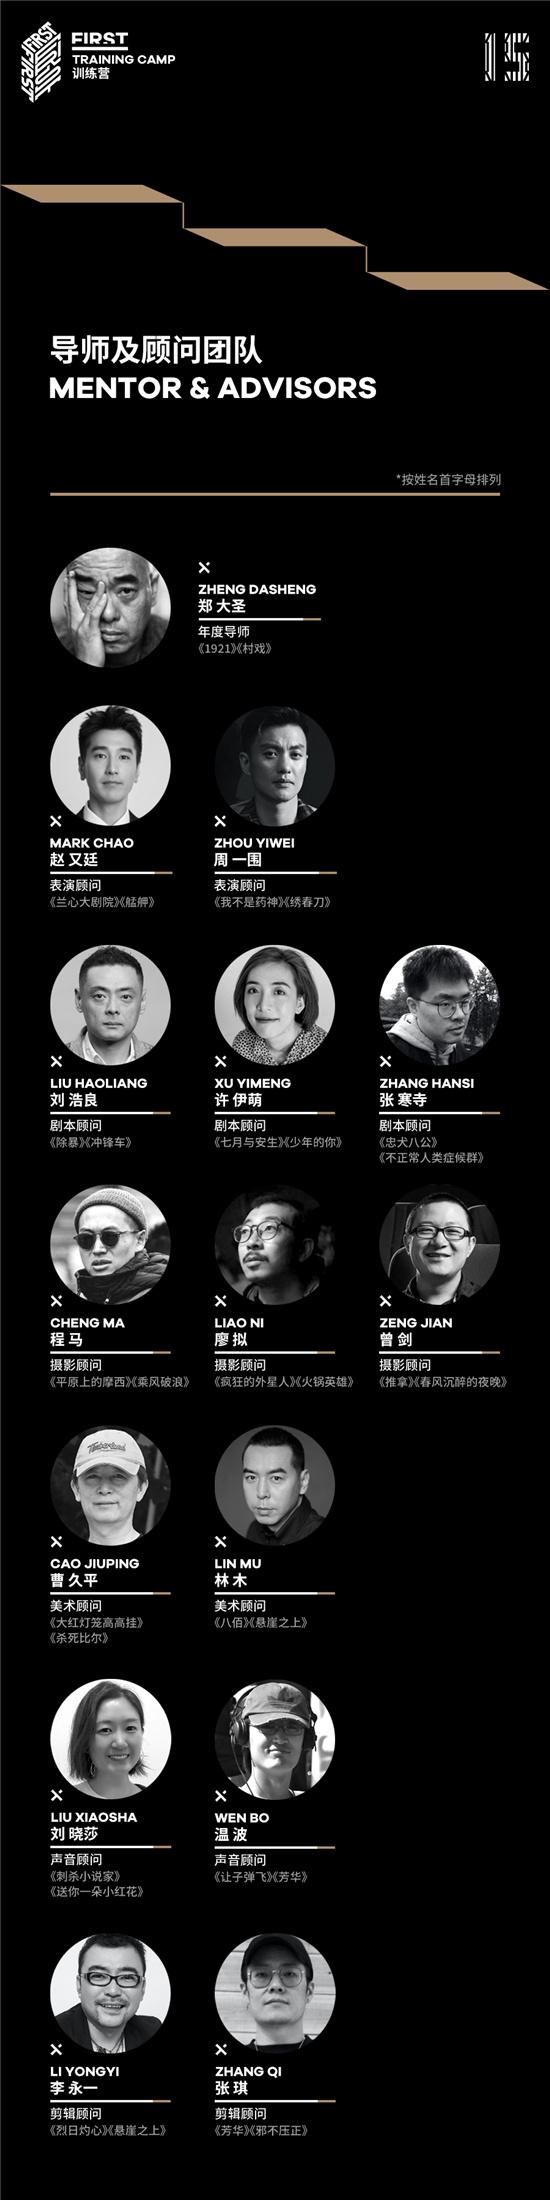 第15屆FIRST訓練營曝導師陣容 趙又廷周一圍加盟